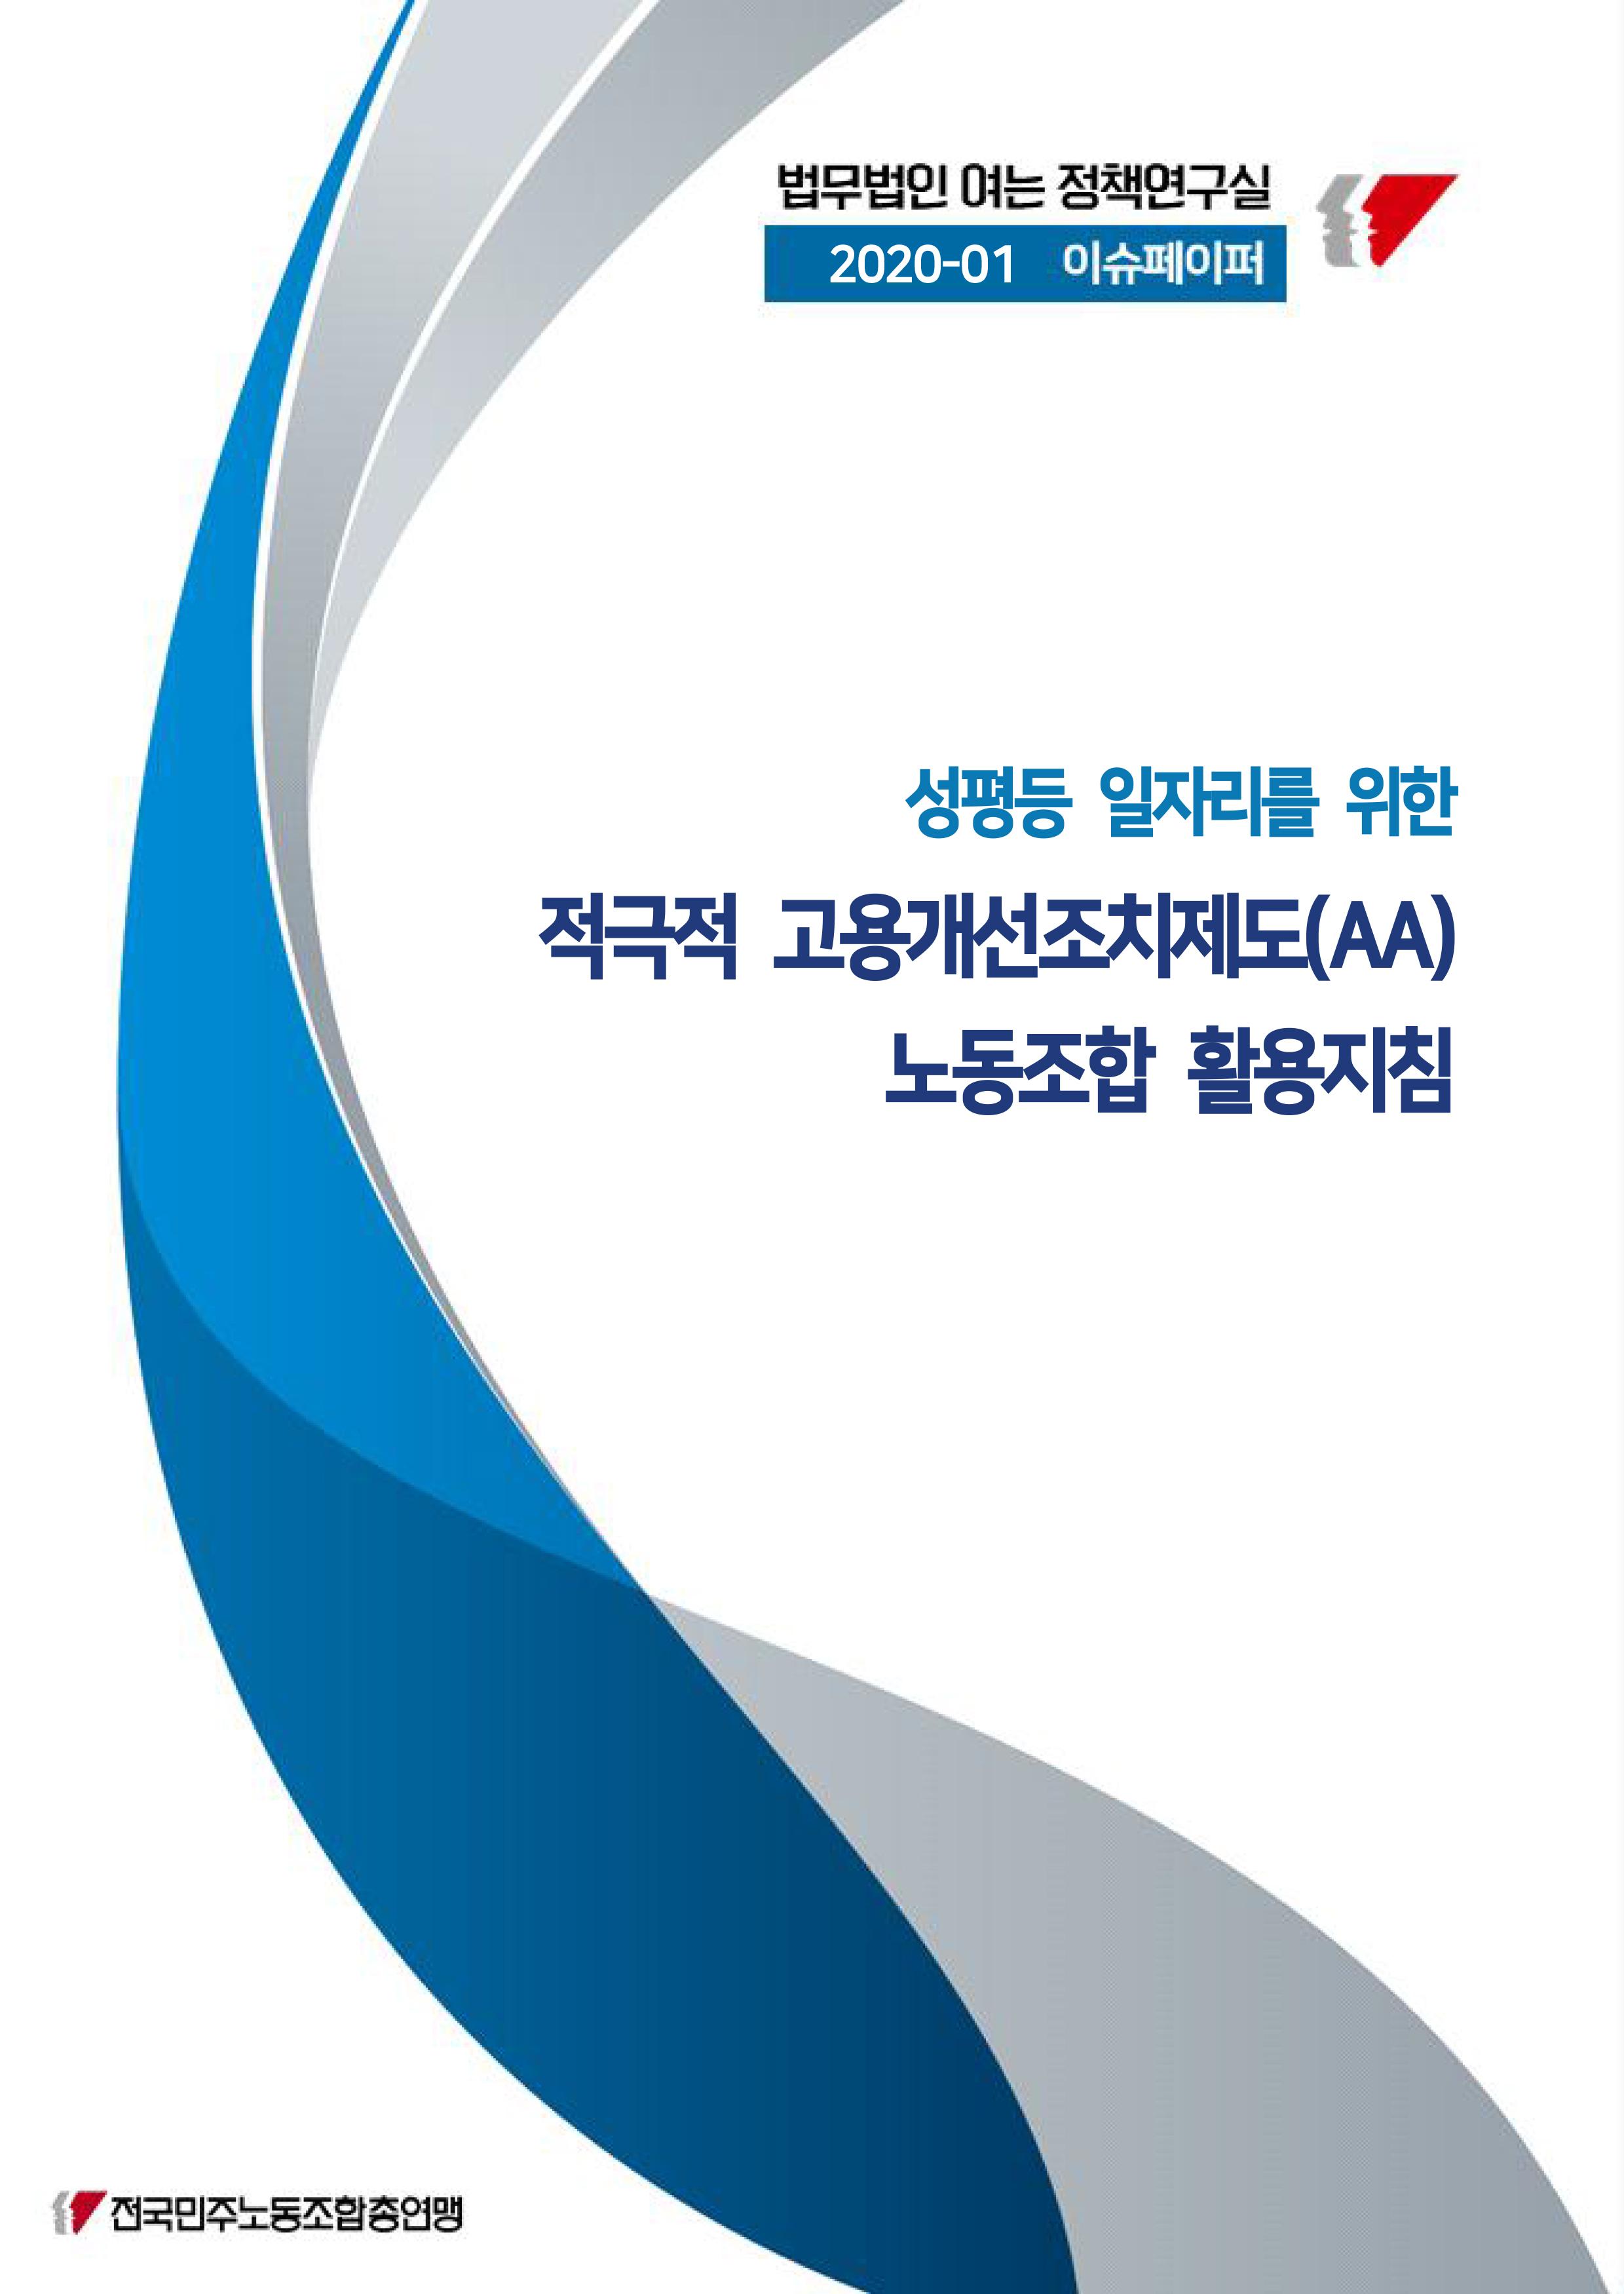 20200205_법률원_이슈페이퍼_2020_01_적극적고용개선조치박주영-1.jpg